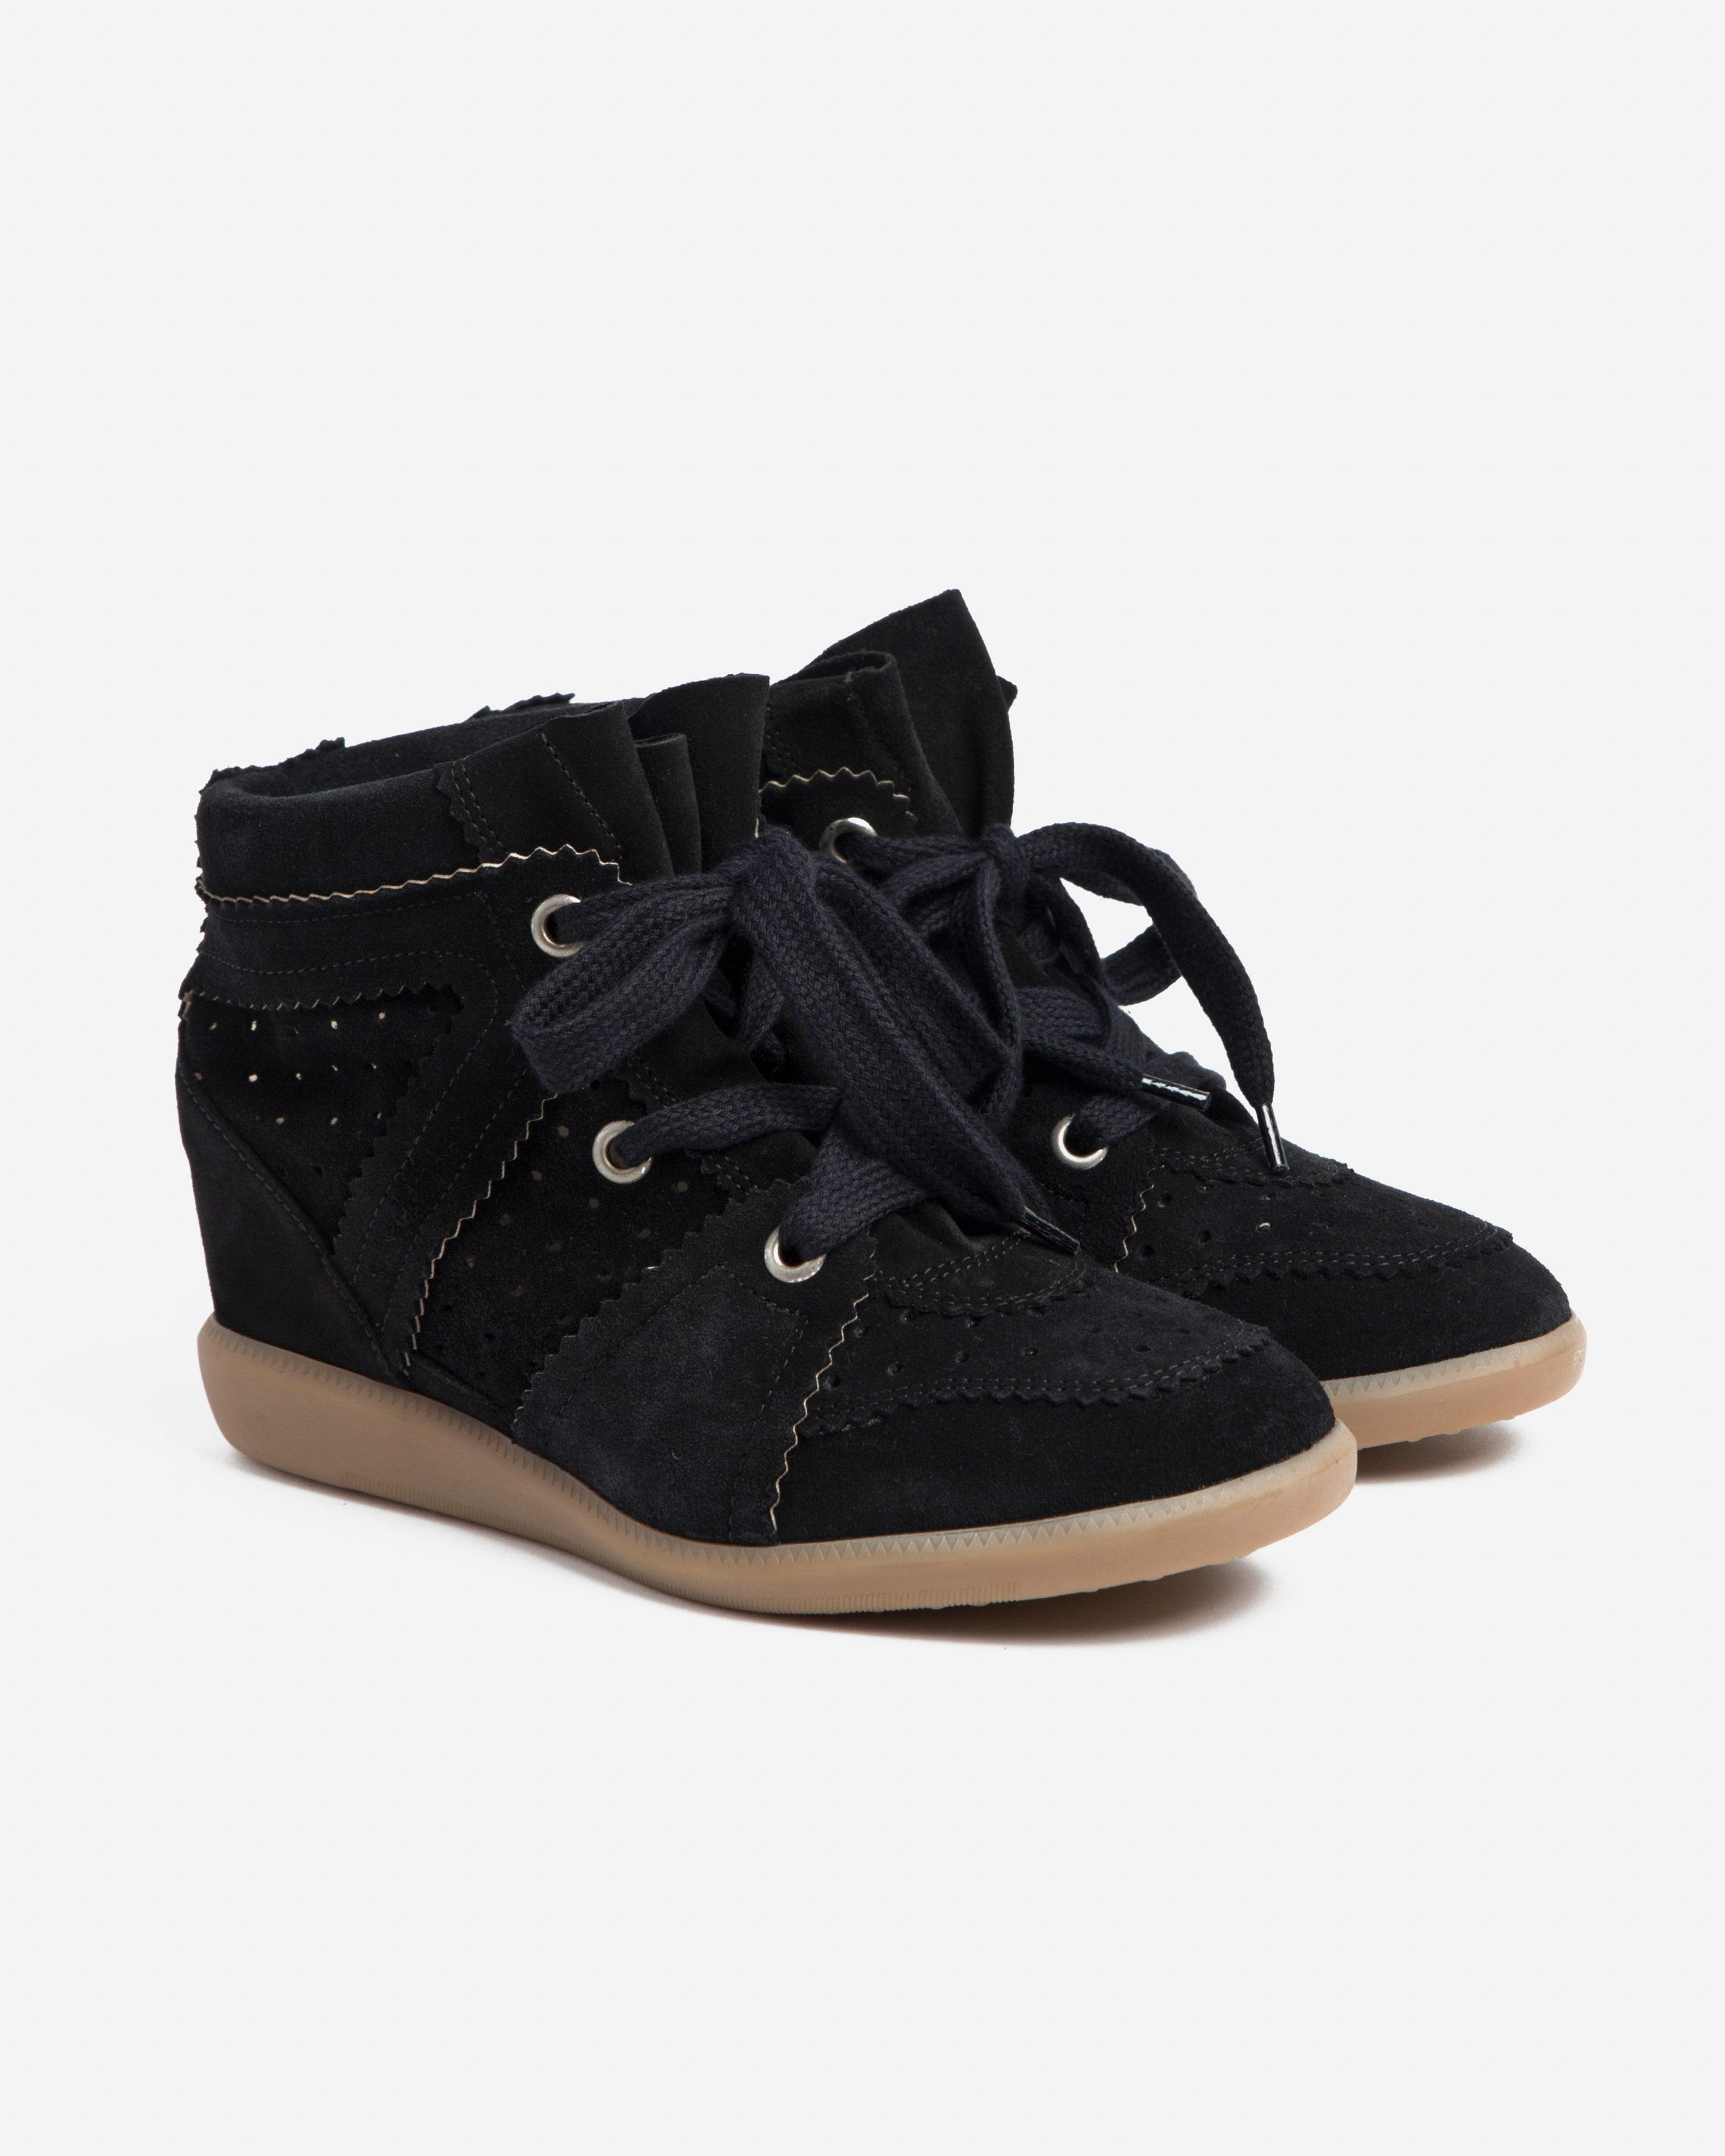 Isabel Marant Etoile 7 - Bobby Sneaker - Faded Black